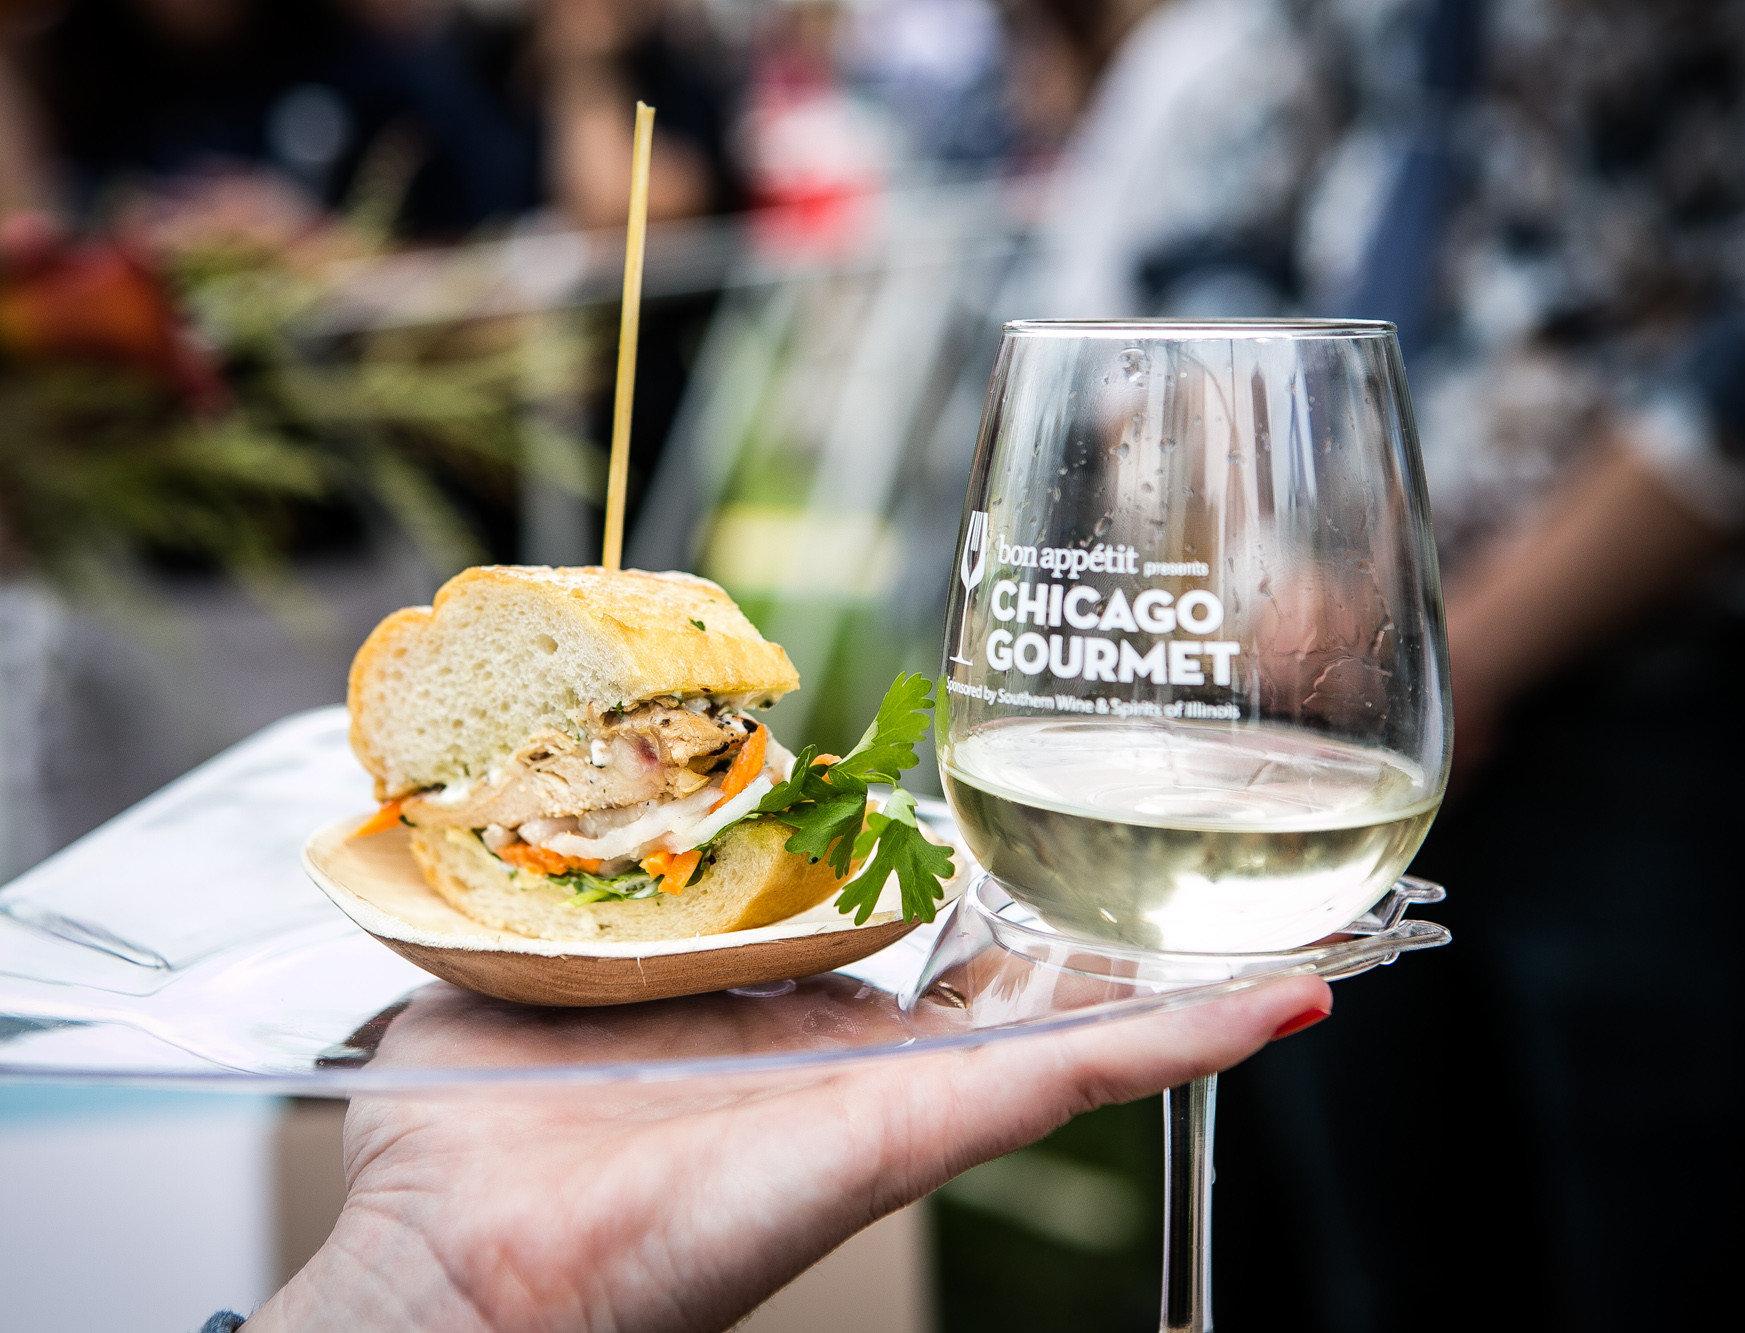 redeye-chicago-gourmet-2015-review-20150928-e1536794320512.jpg